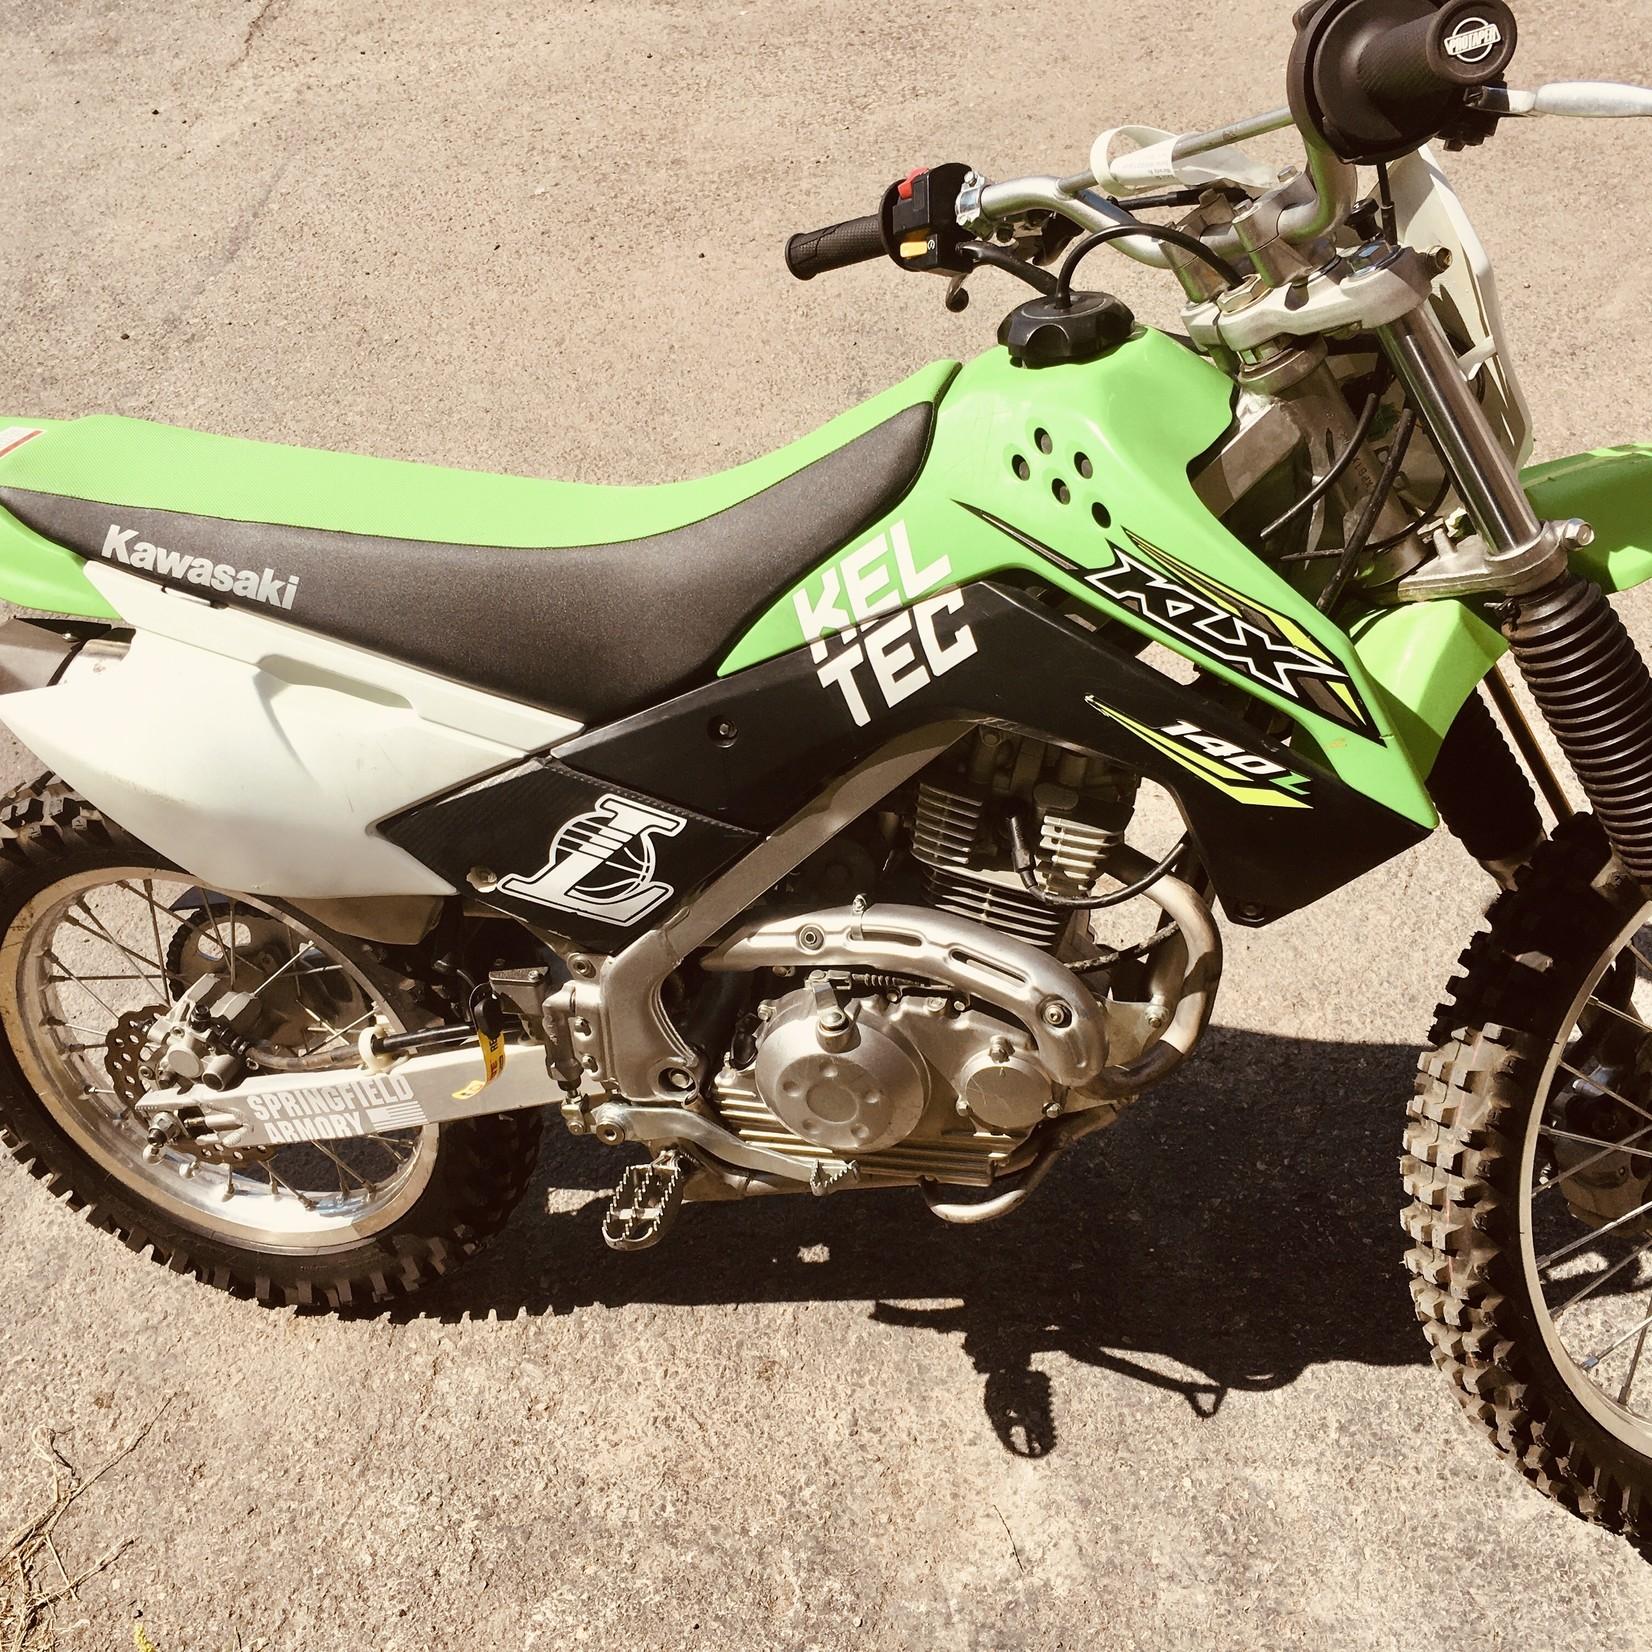 Kawasaki 2018 Kawasaki KLX140L Dirt Bike Used For Sale